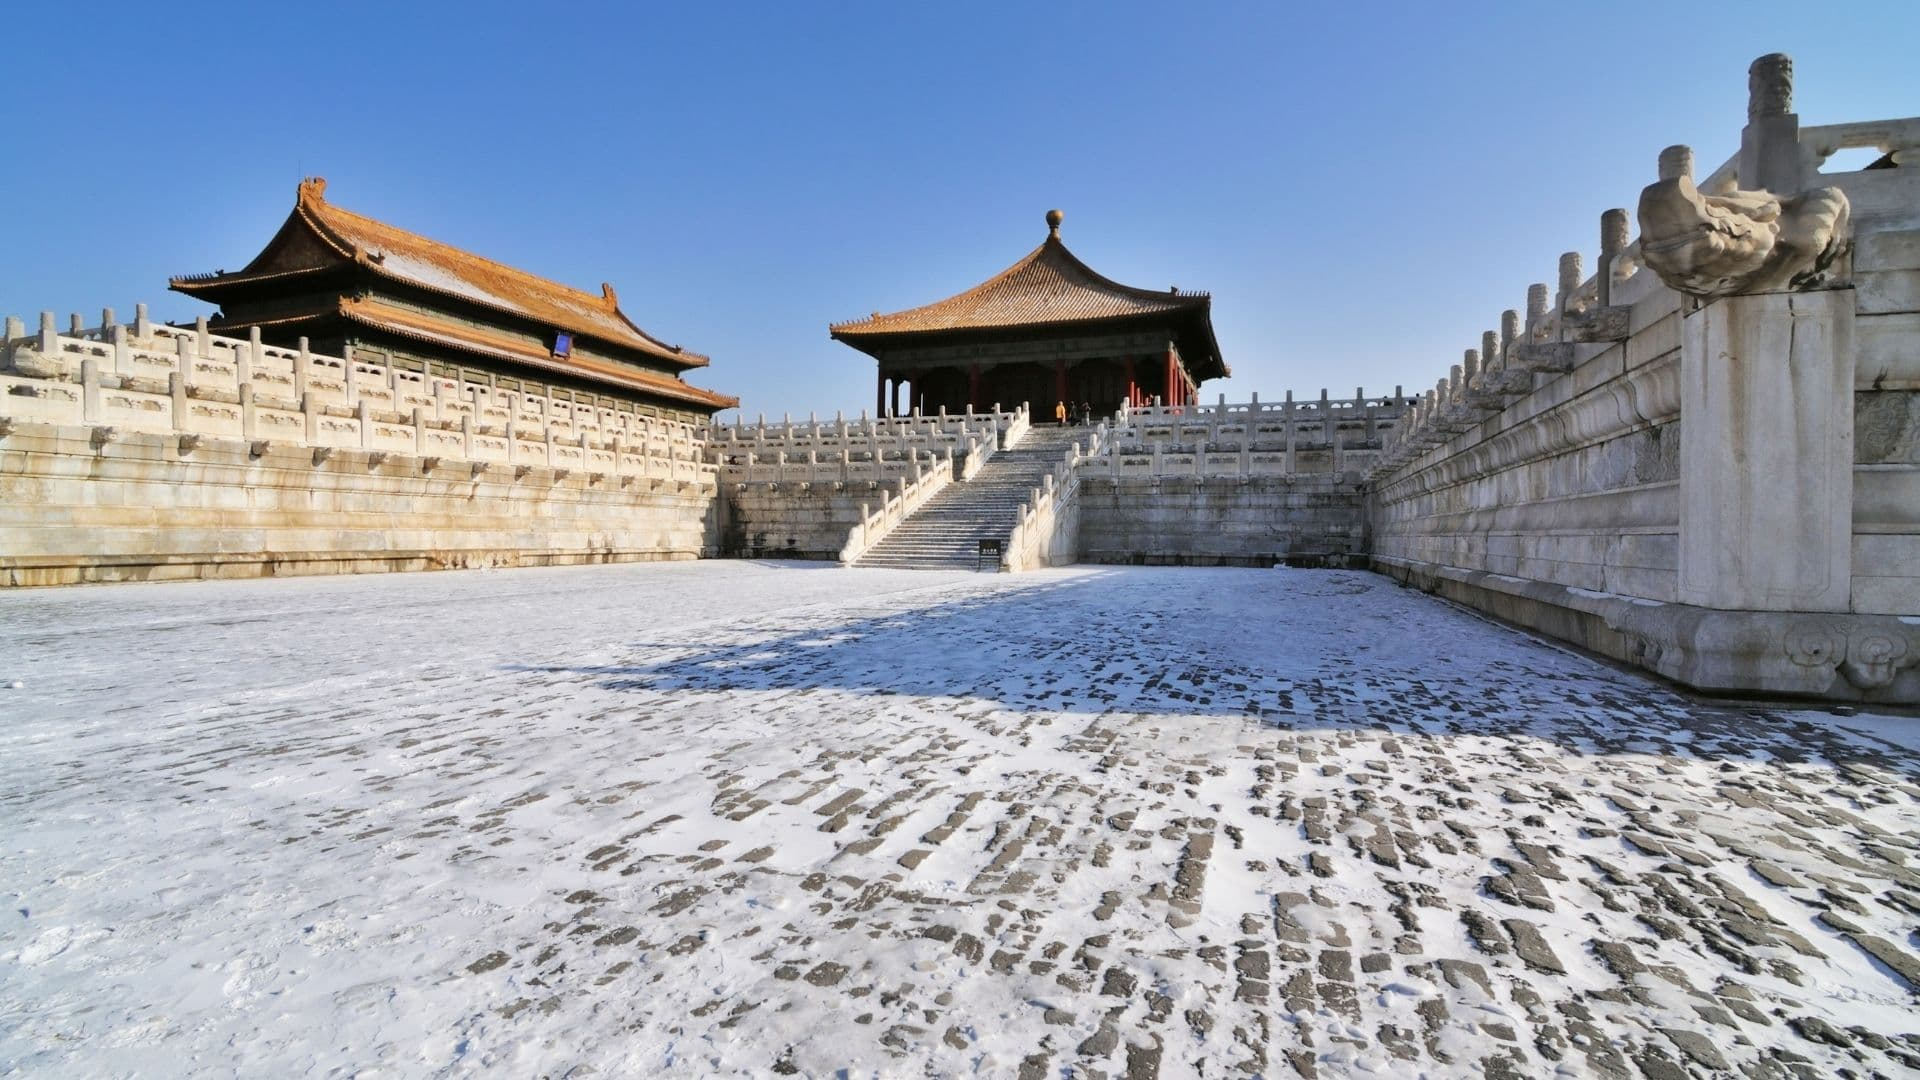 Conoce Ciudad Prohibida de Beijing en tu viaje a china